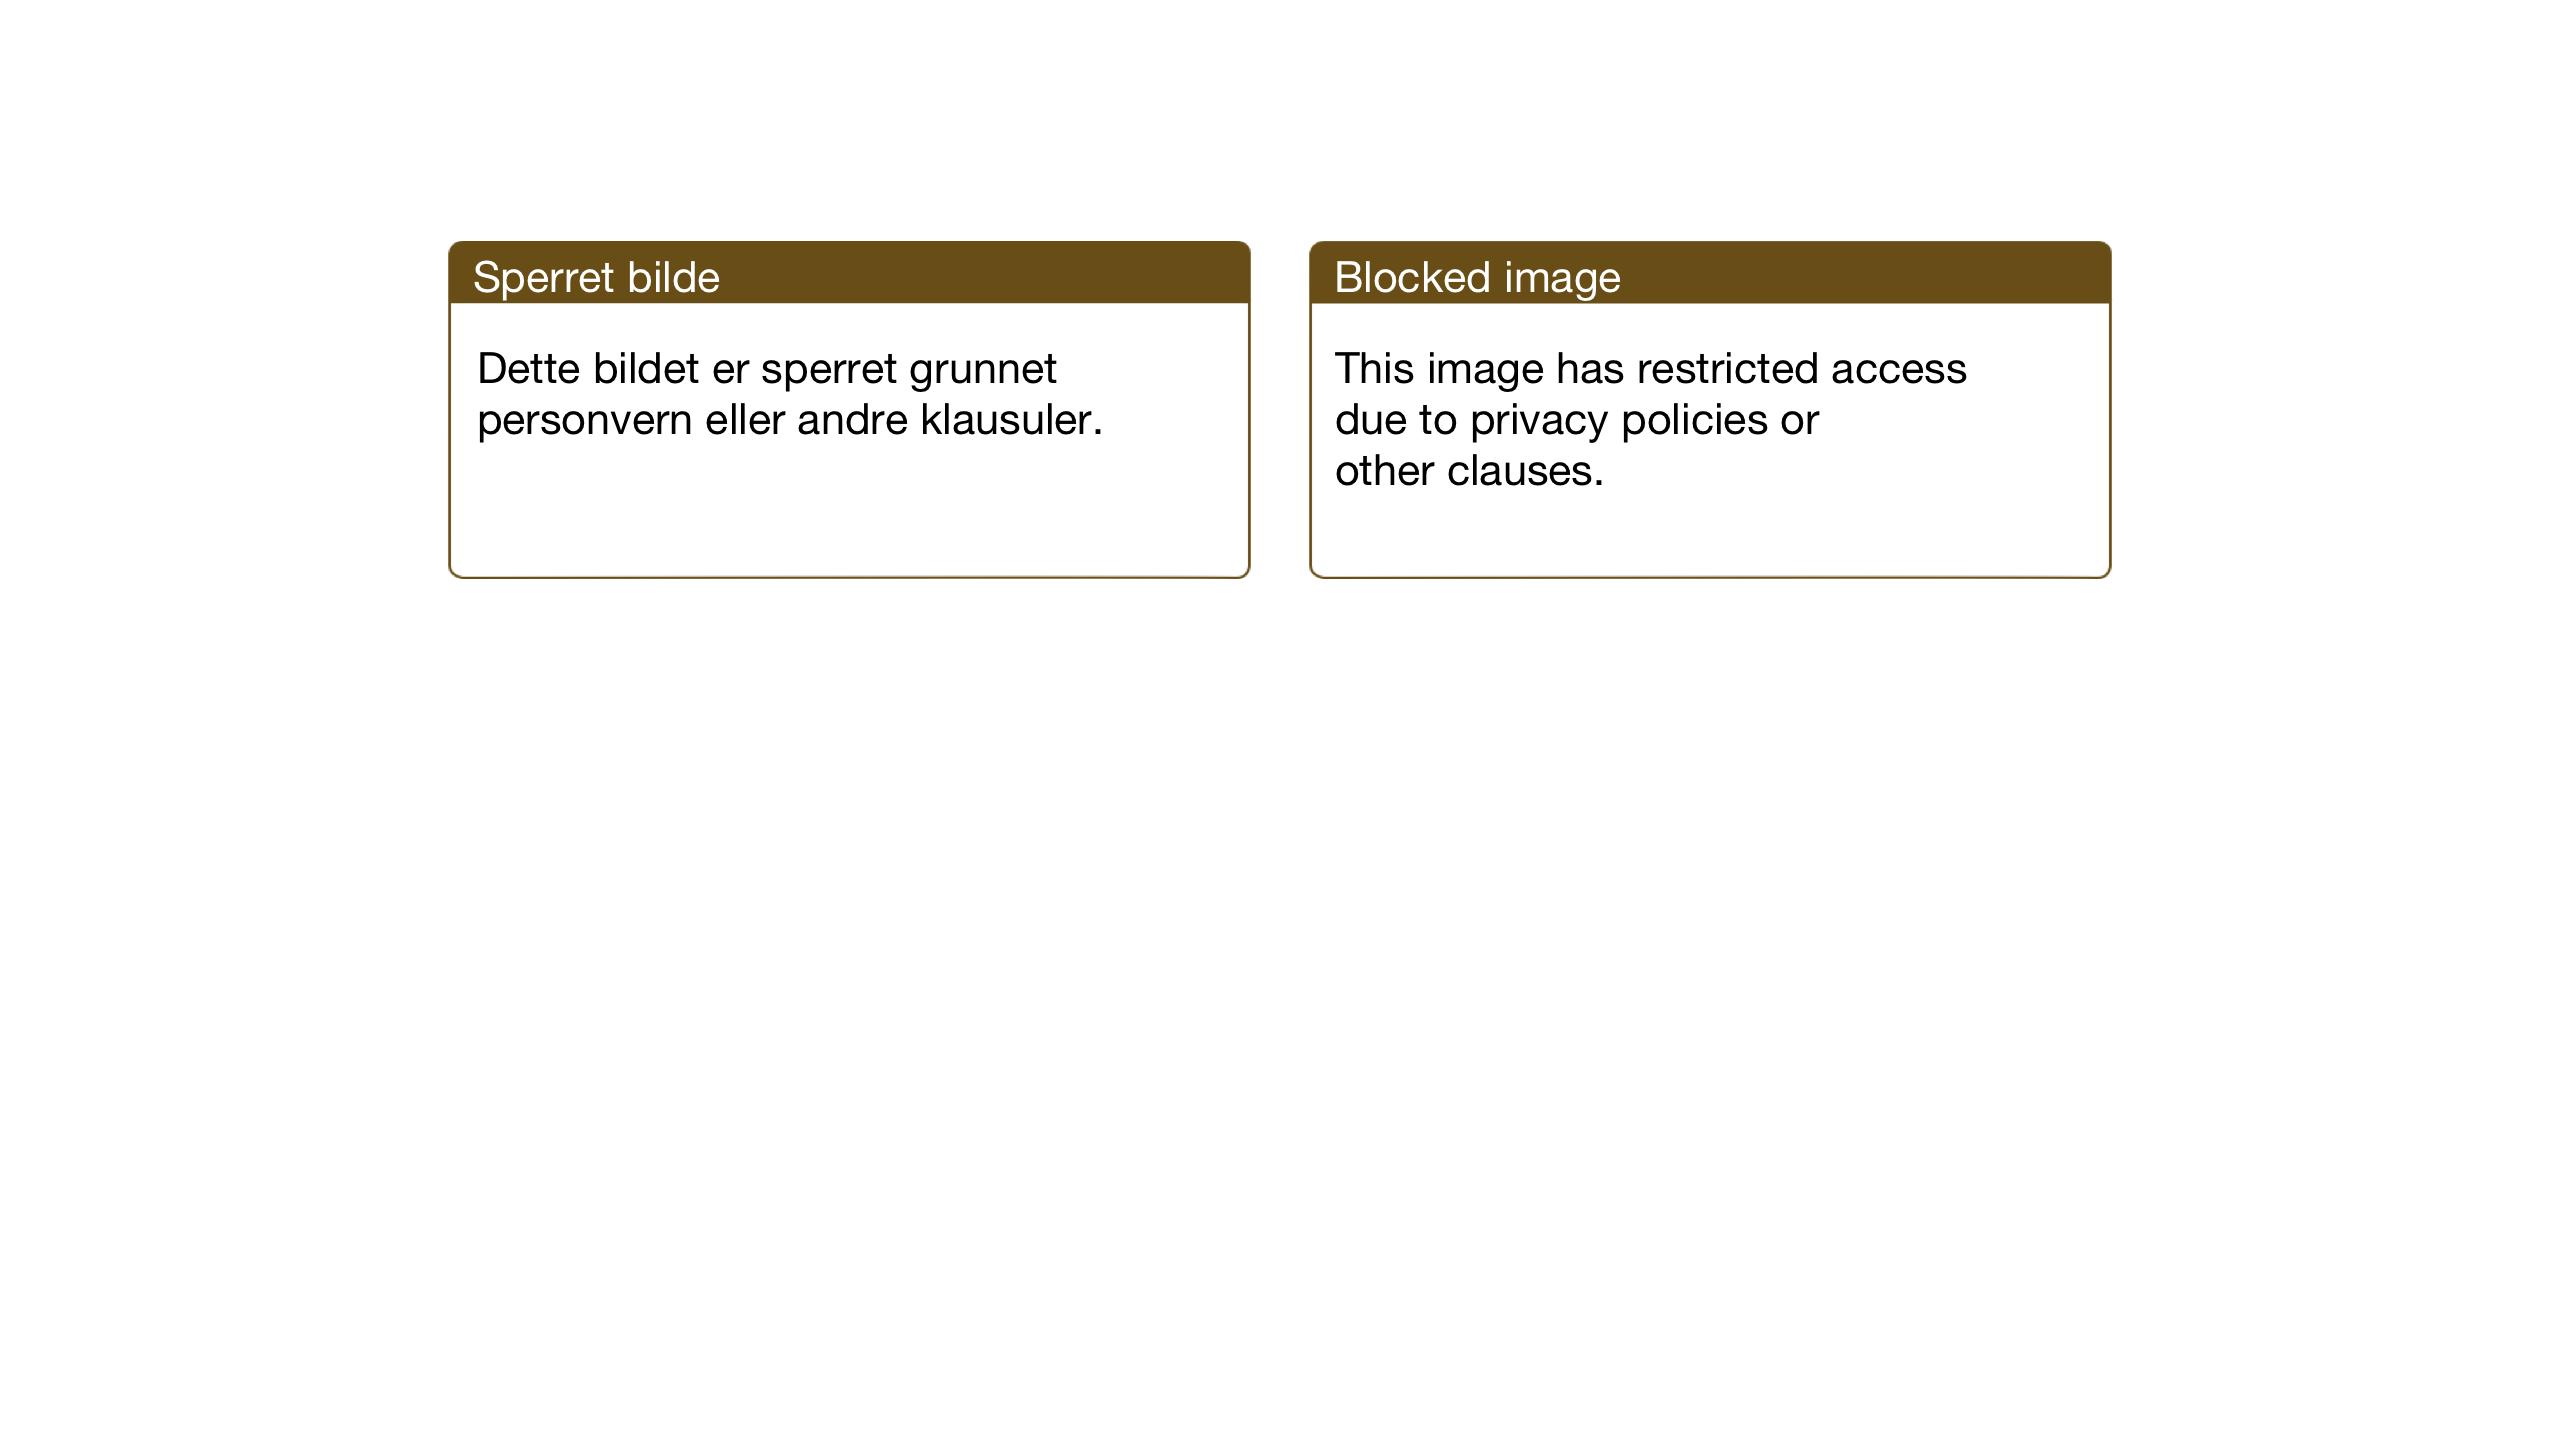 SAT, Ministerialprotokoller, klokkerbøker og fødselsregistre - Sør-Trøndelag, 669/L0832: Klokkerbok nr. 669C02, 1925-1953, s. 96